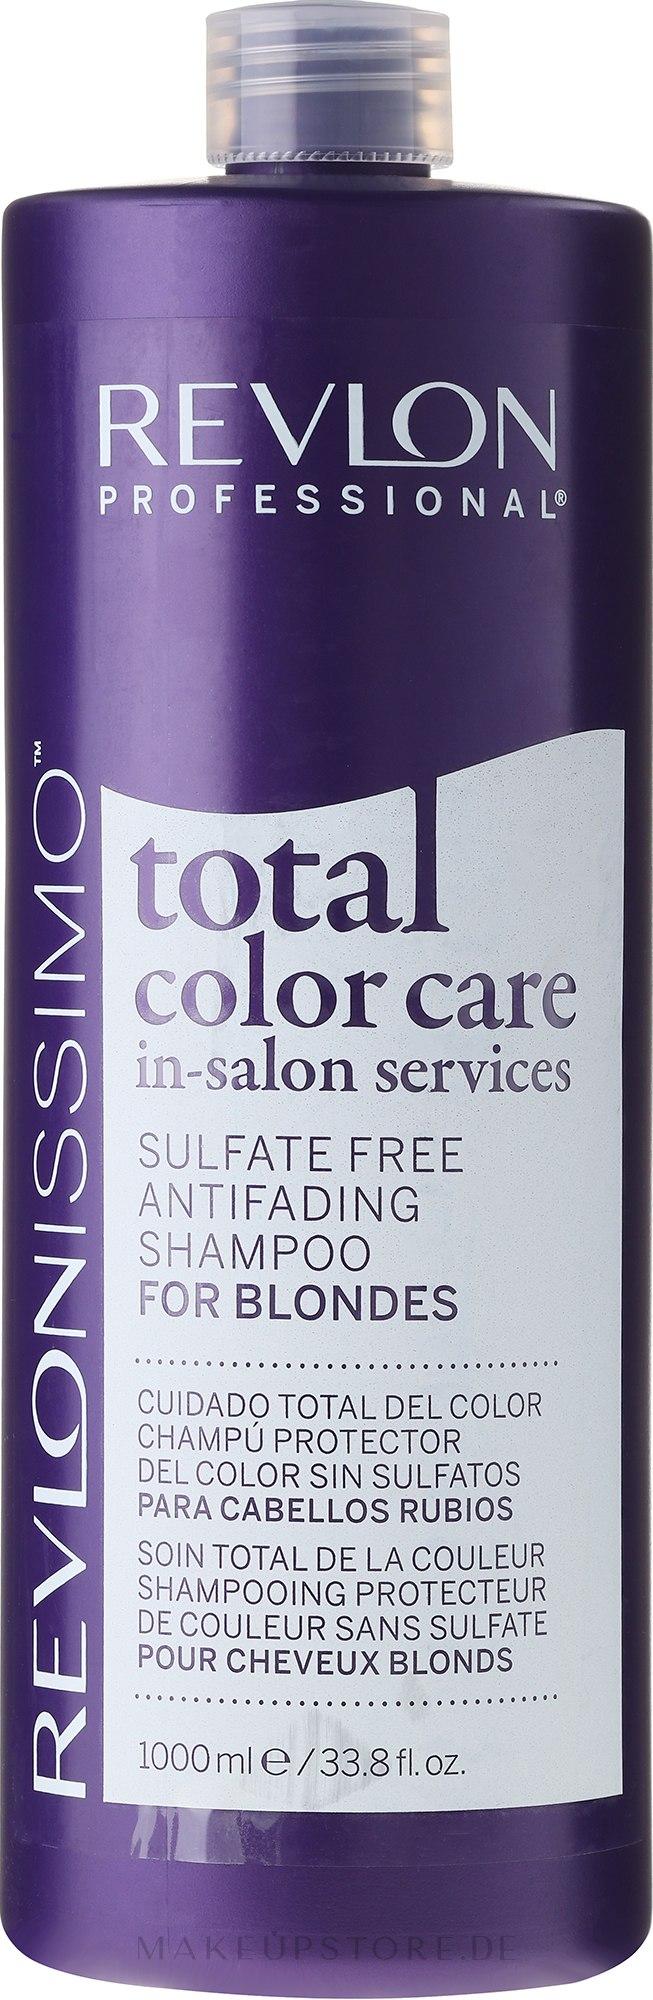 Sulfatfreies Shampoo gegen Farbverlust für blonde und weiße Haare - Revlon Professional Revlonissimo Total Color Care Antifading Shampoo For Blondes — Bild 1000 ml